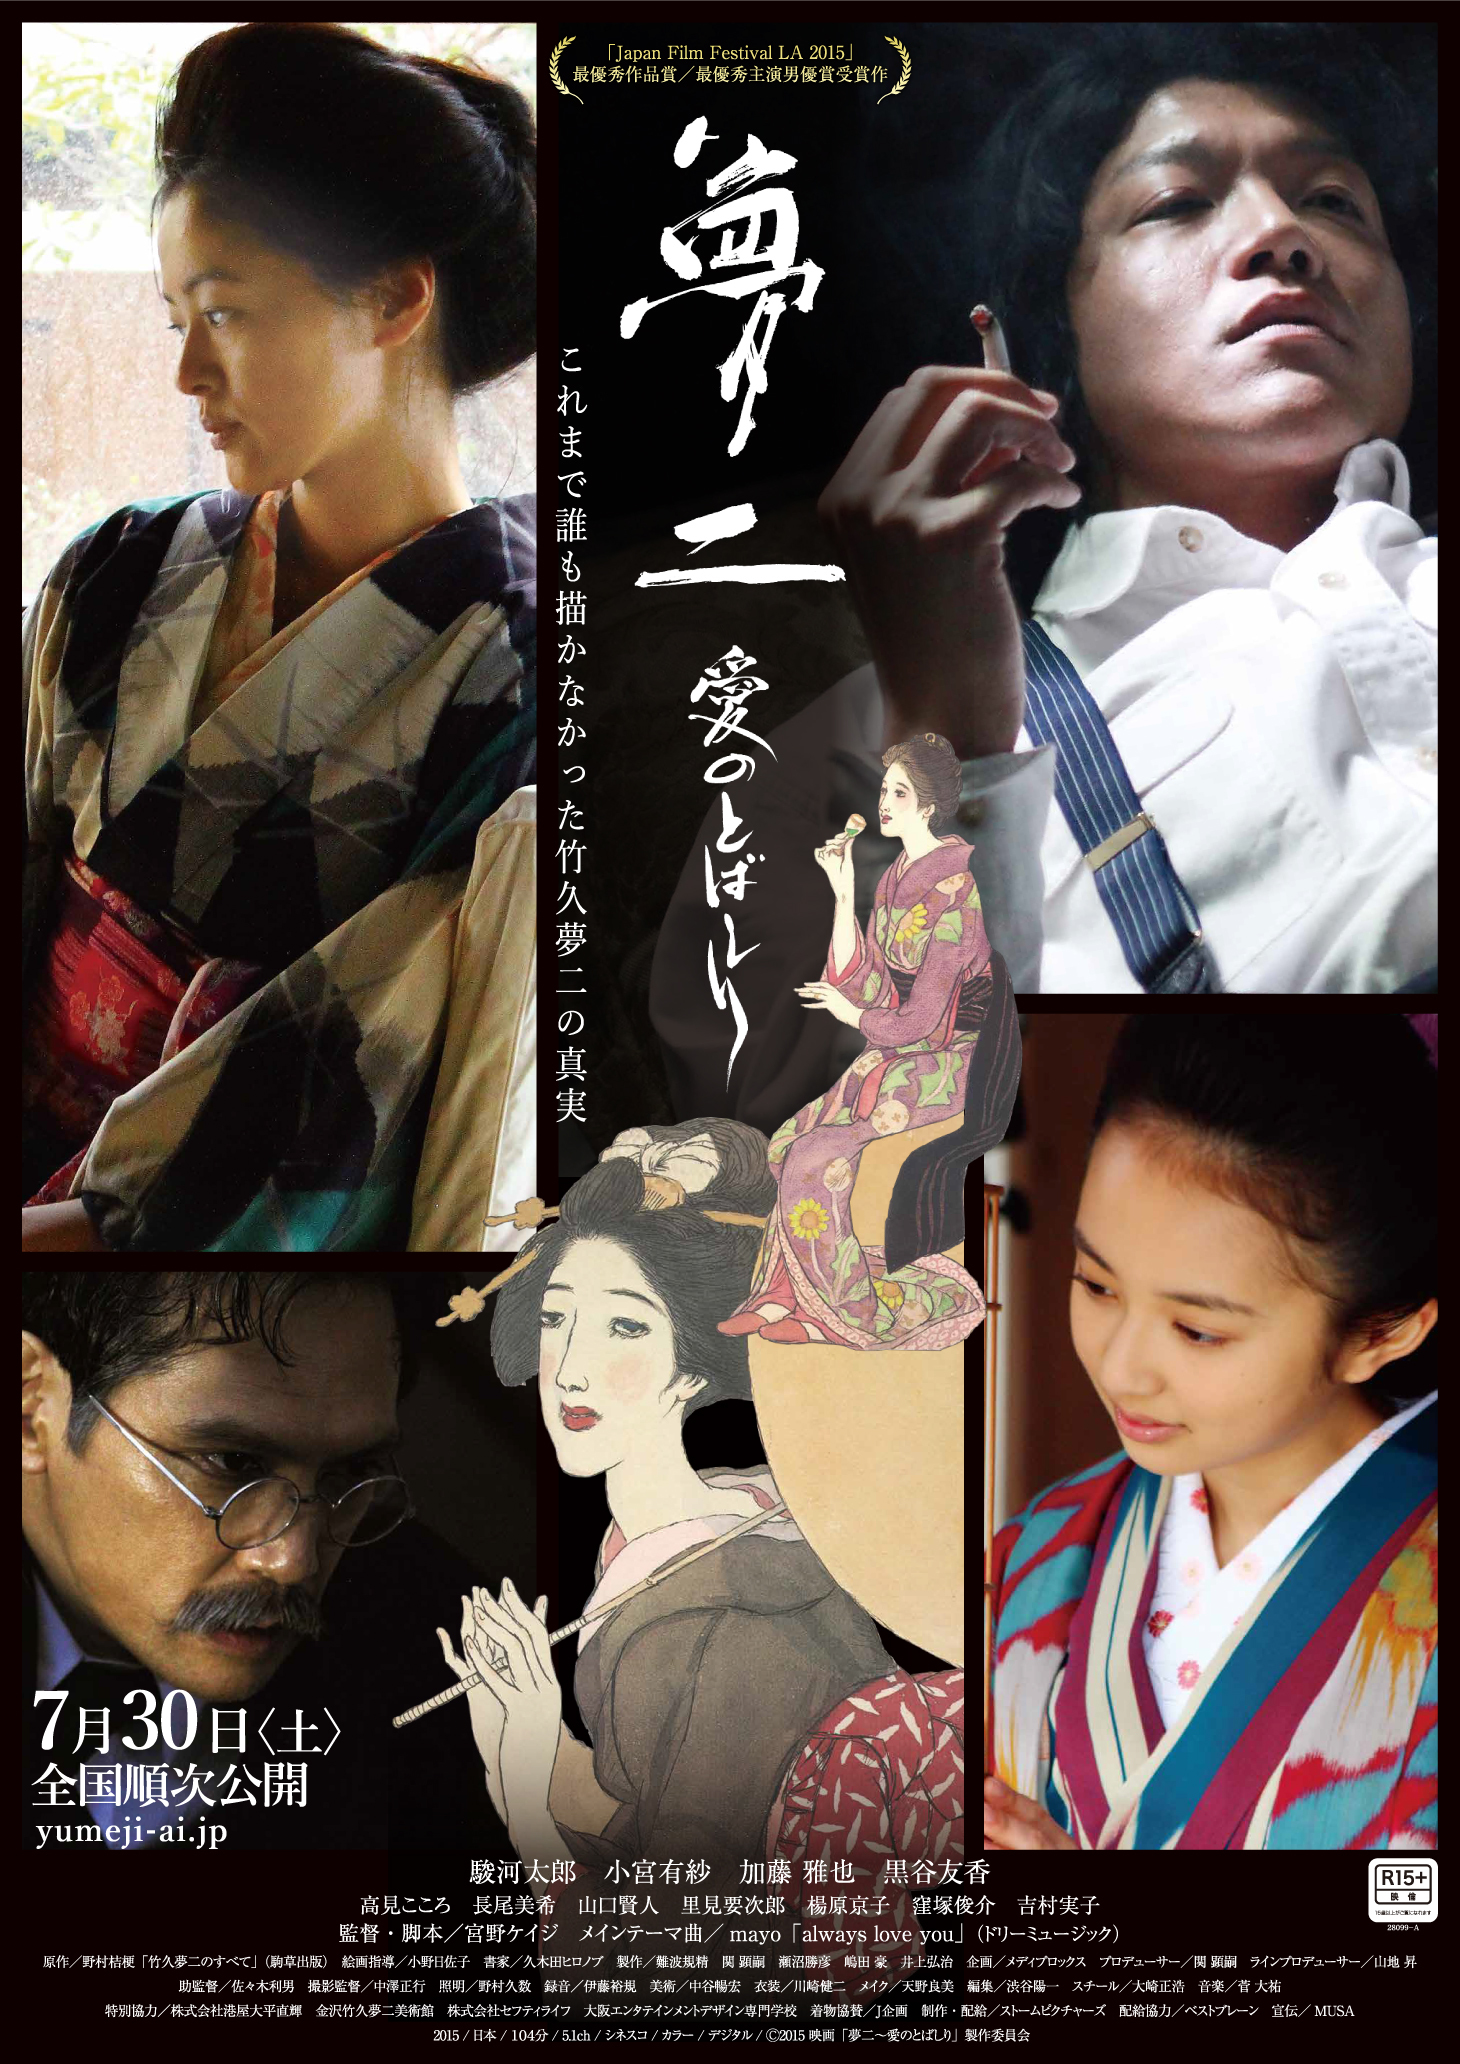 映画『夢二~愛のとばしり~』  Ⓒ2015映画「夢二~愛のとばしり」製作委員会